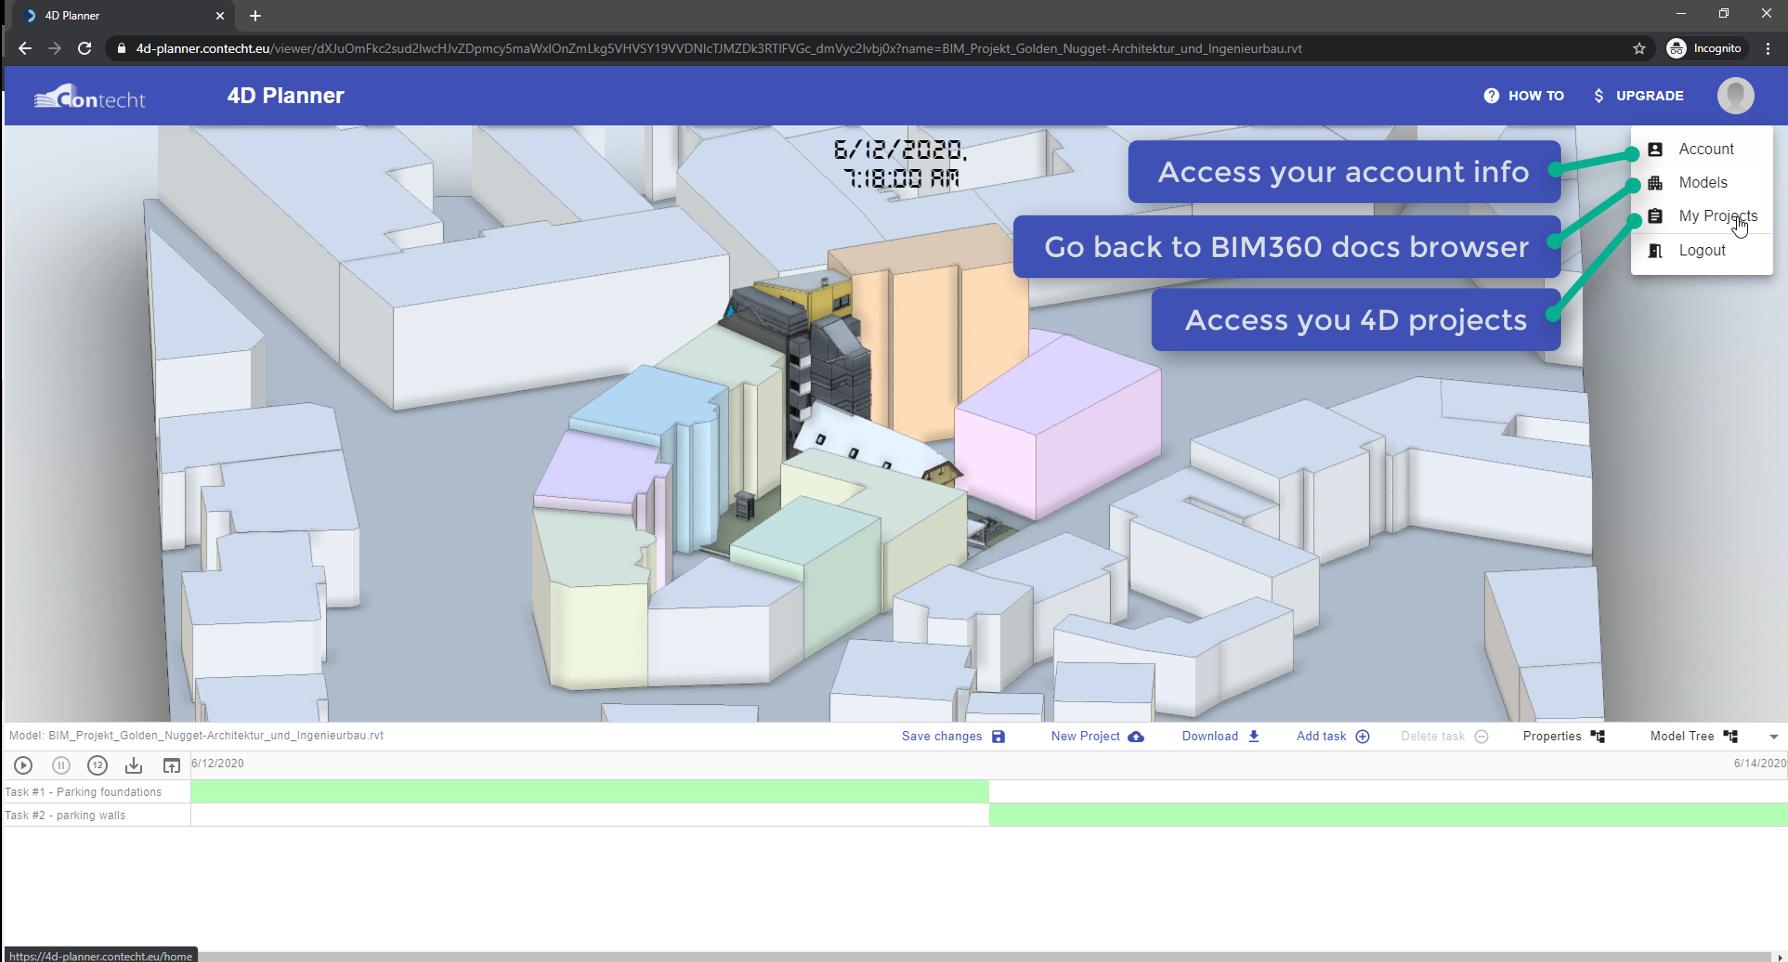 4D Planner-Navigate Account